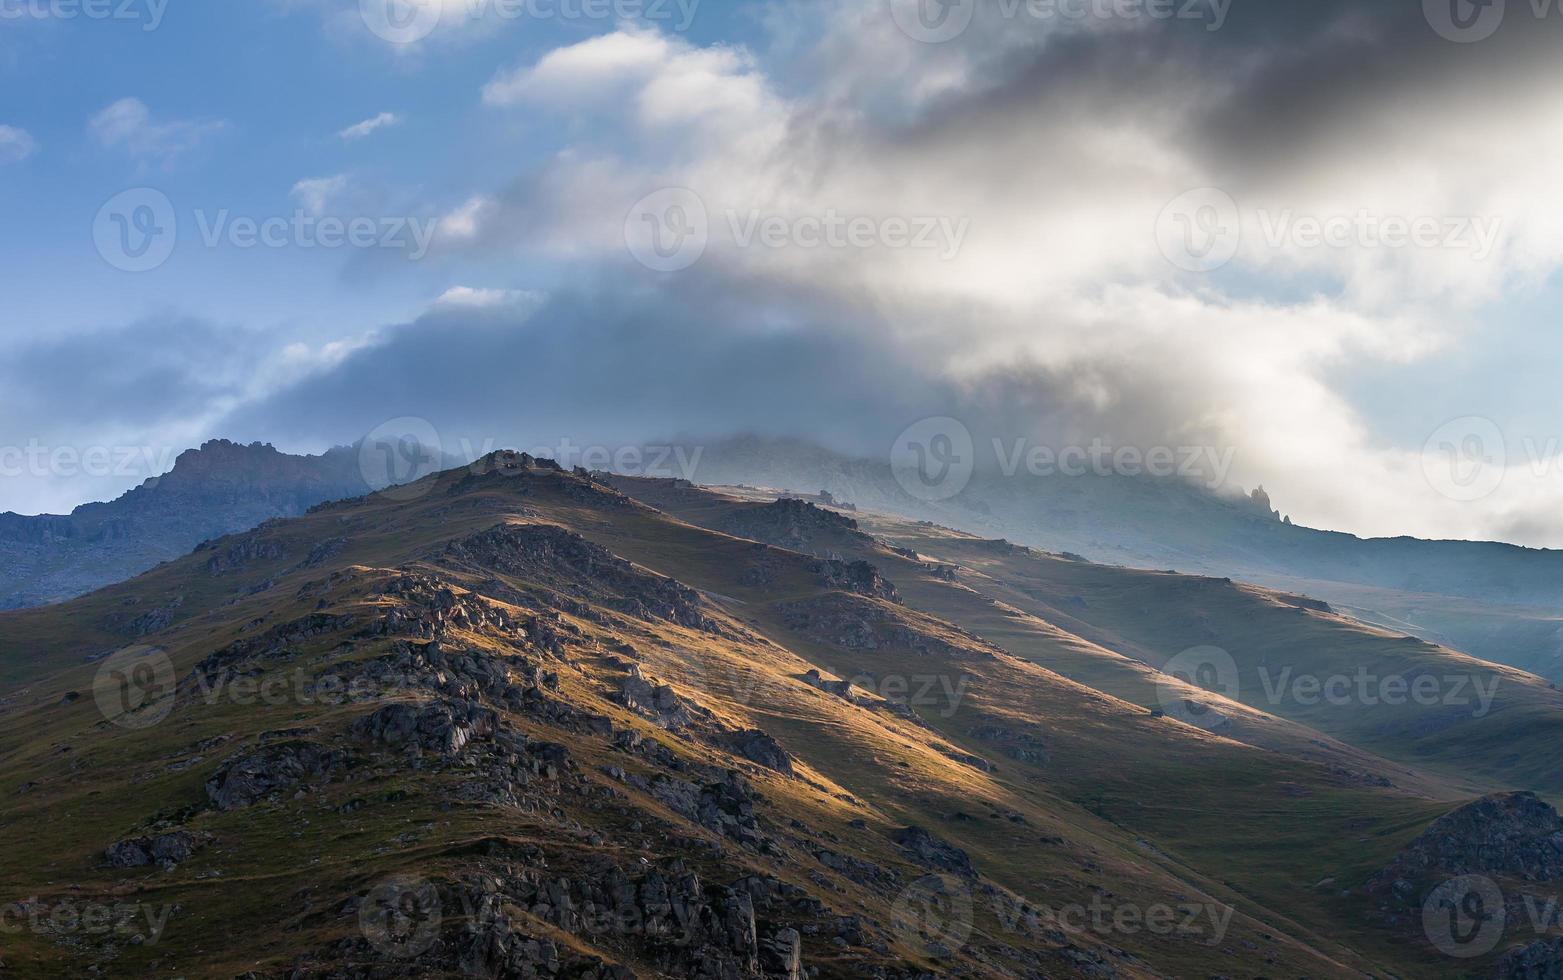 montaña verde en turquía foto